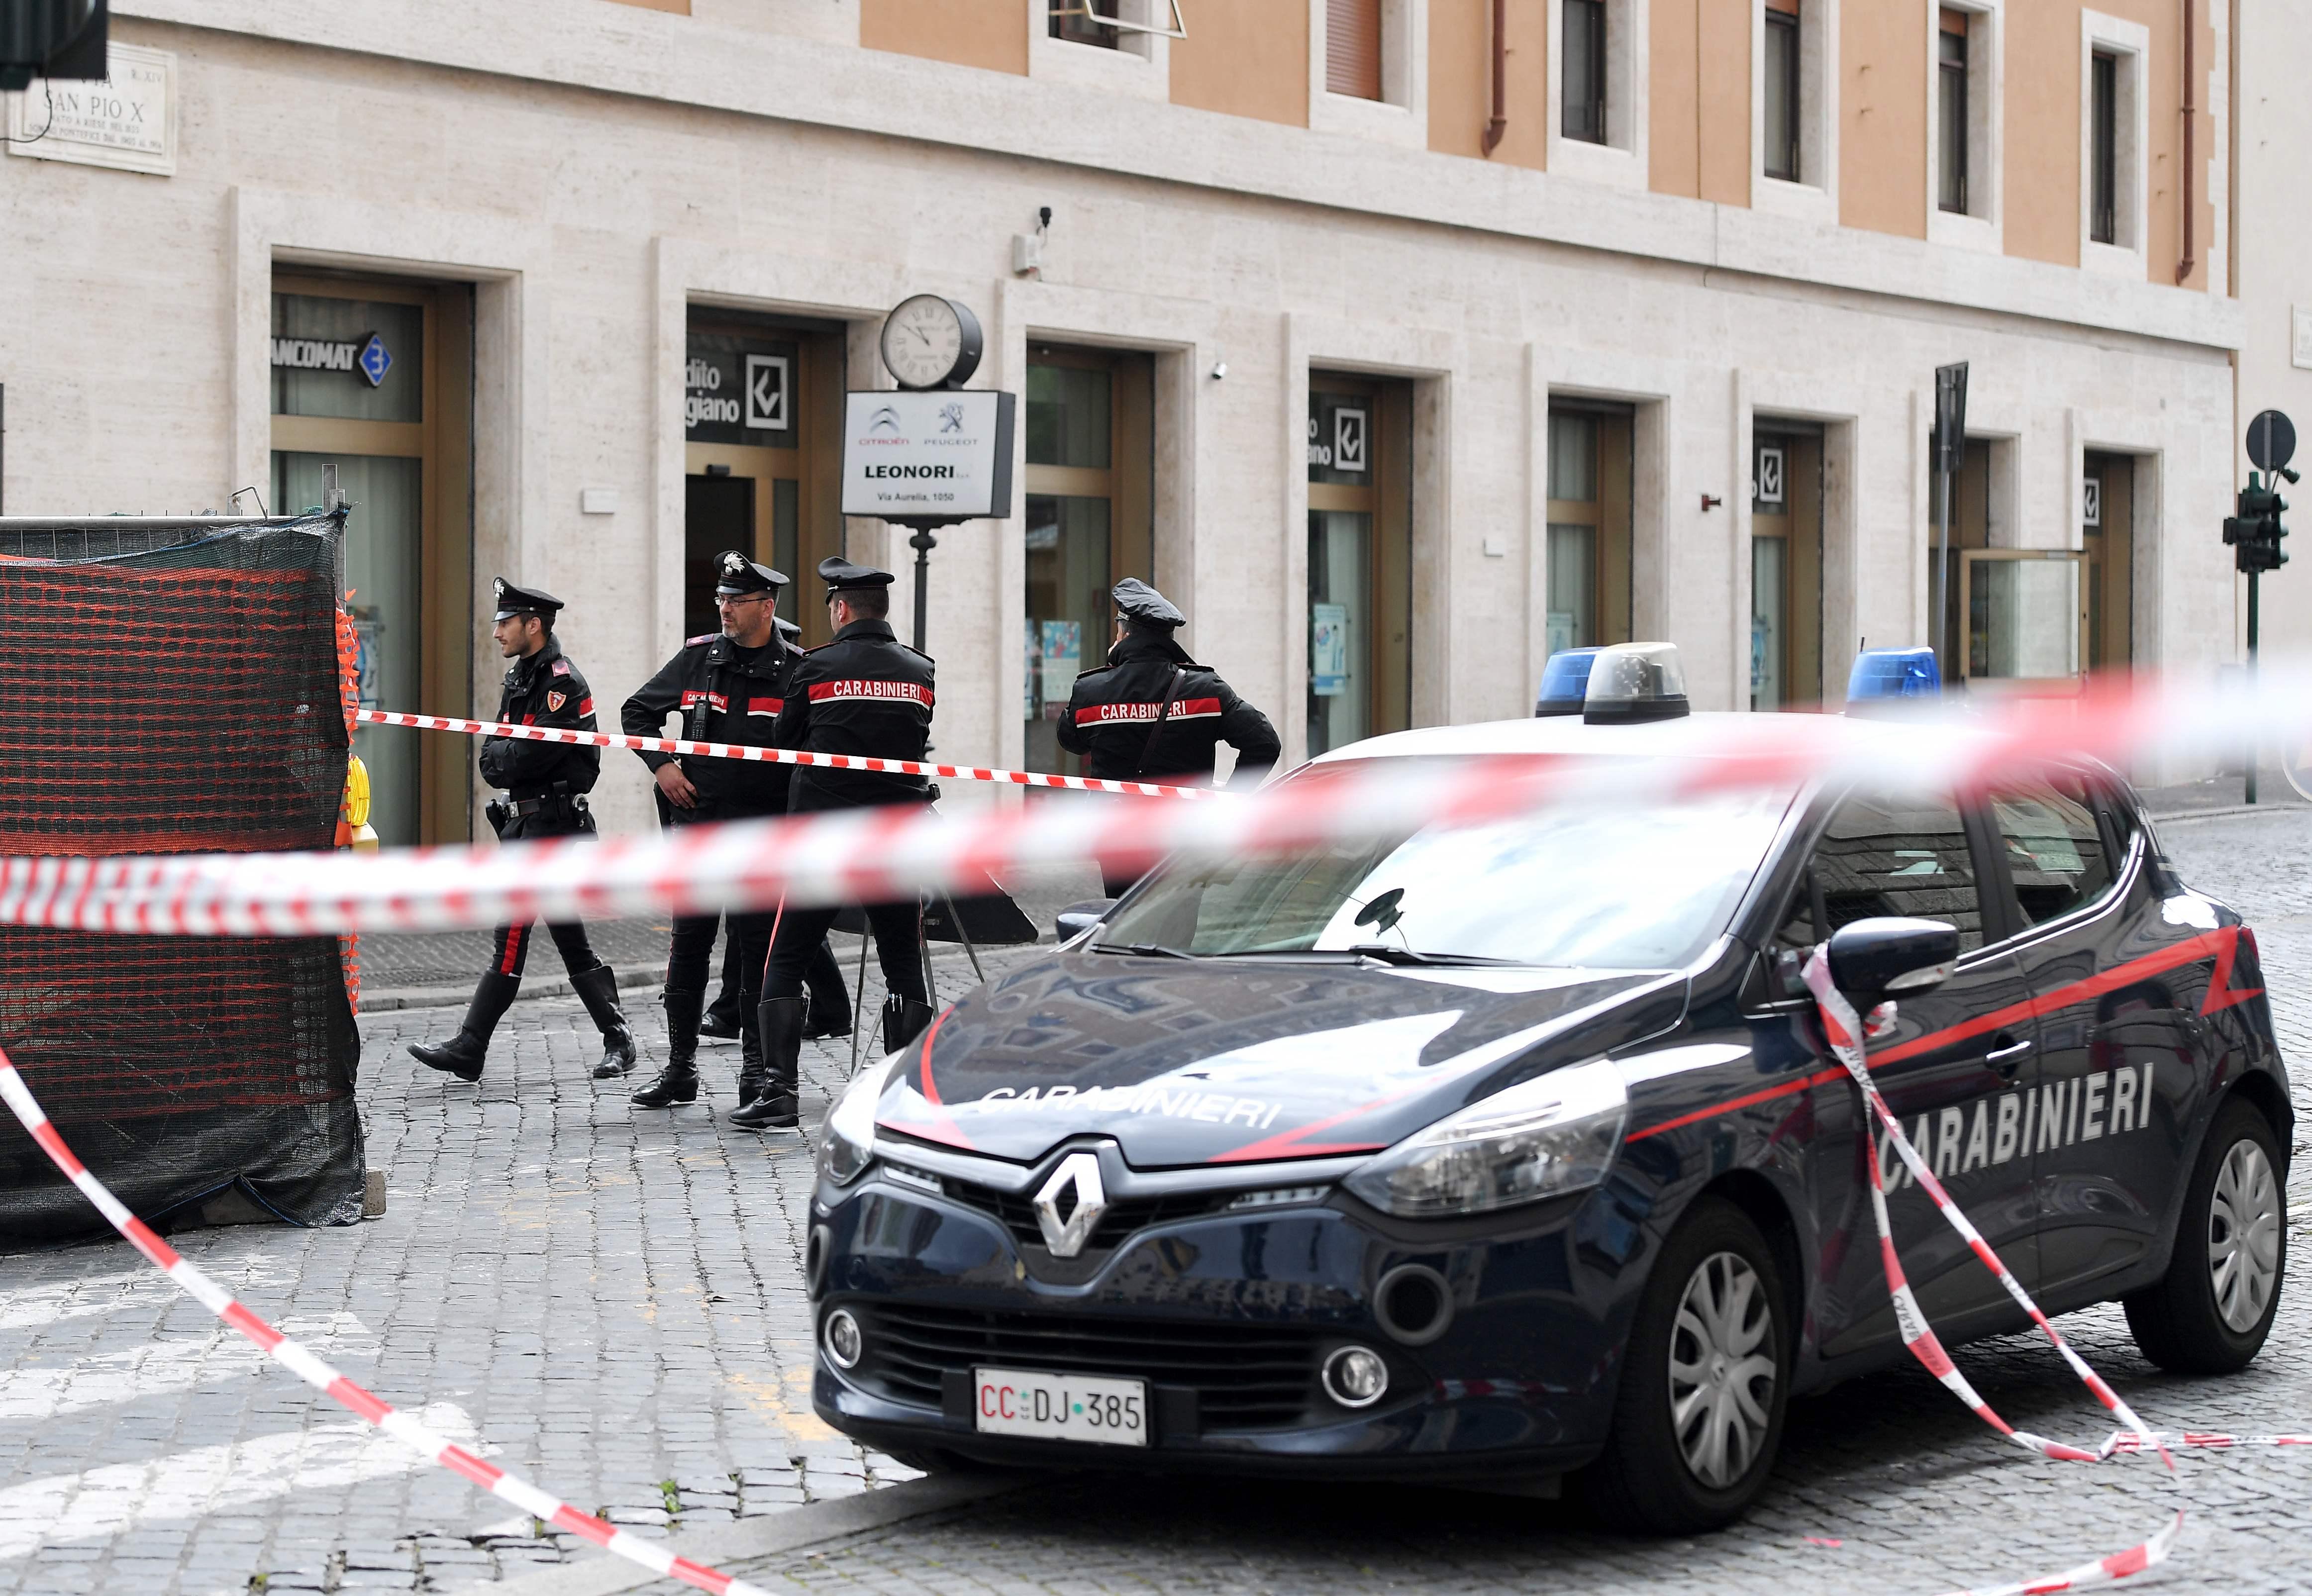 1156206-صور-انذار-قرب-الفاتيكان-بسبب-العثور-على-قنبلة-(11)